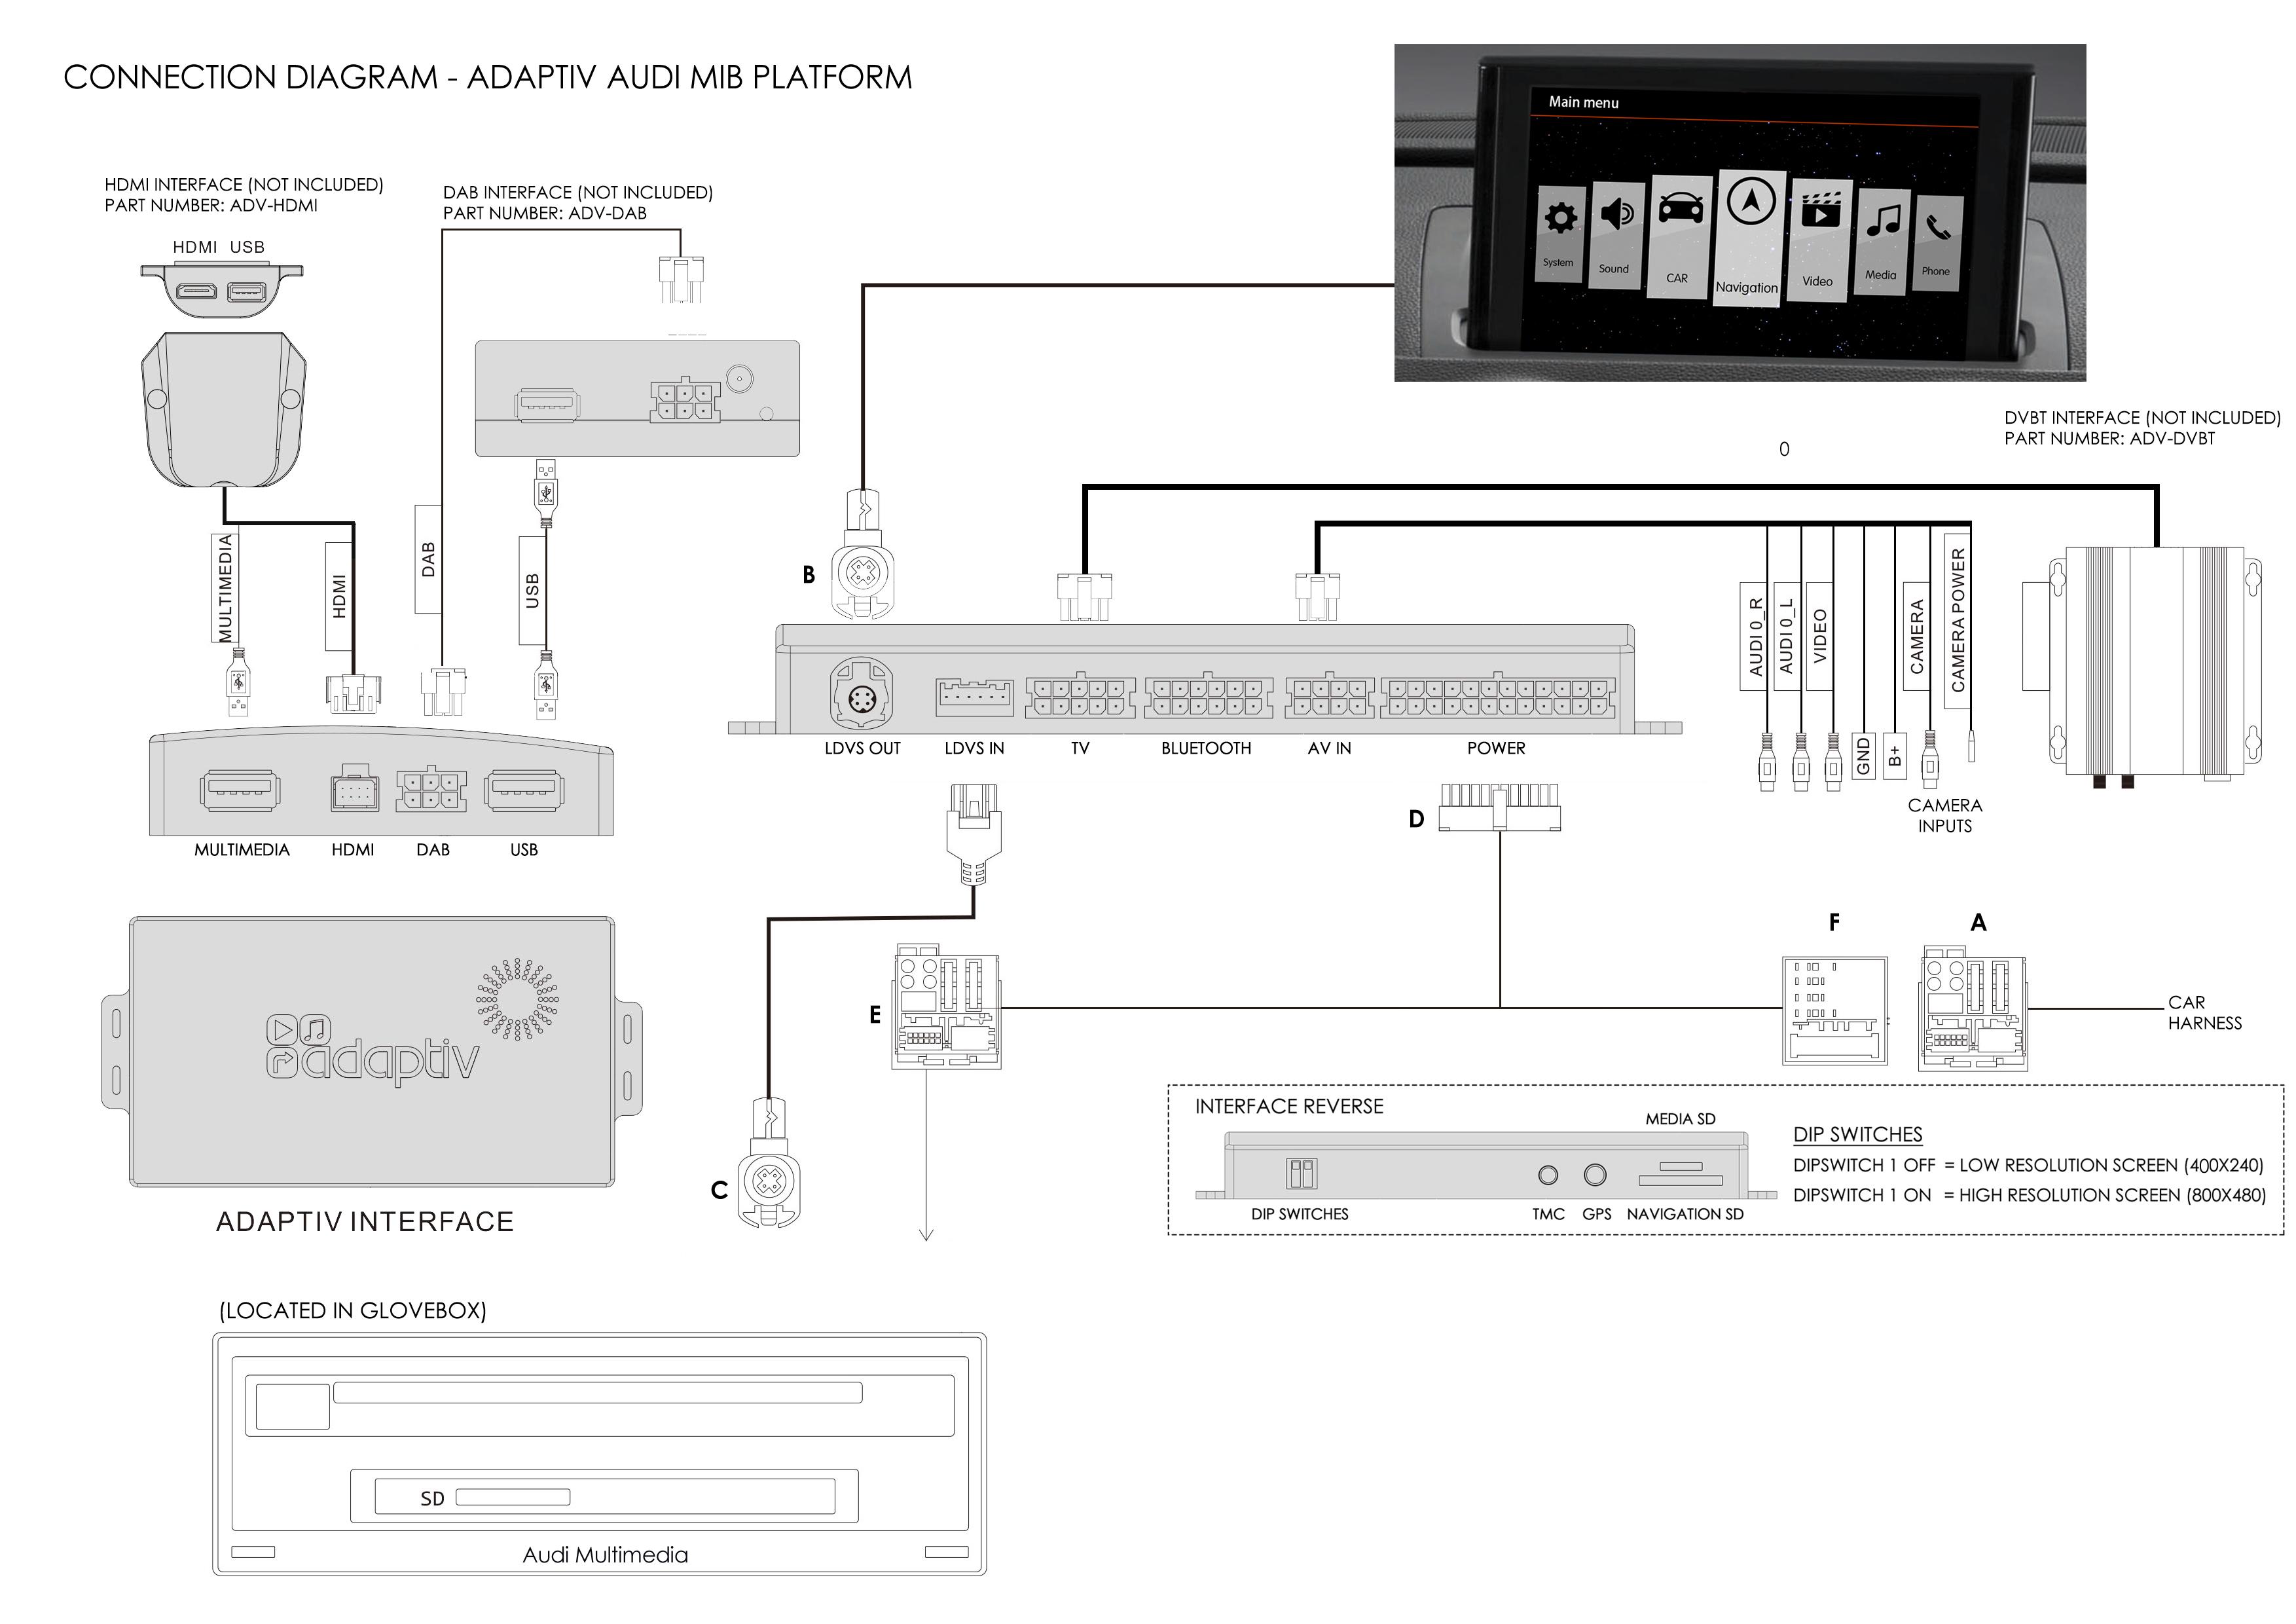 interface video navigation navigation interface audi q3. Black Bedroom Furniture Sets. Home Design Ideas